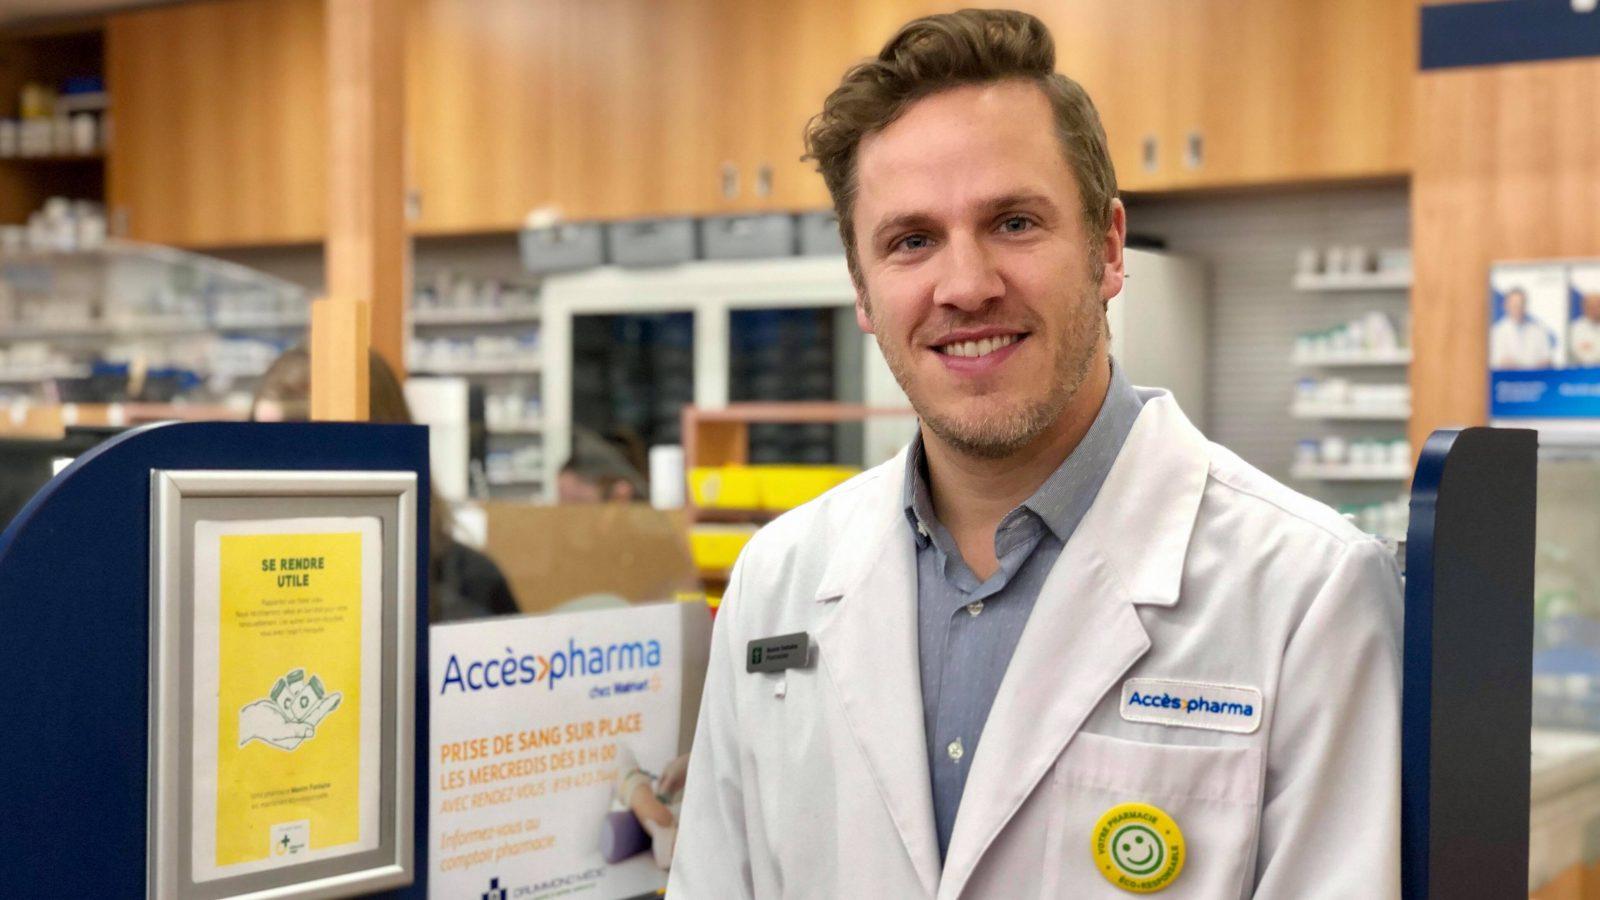 Accès pharma chez Walmart de Drummondville et Ubik de TELUS Santé : une autre belle façon d'innover